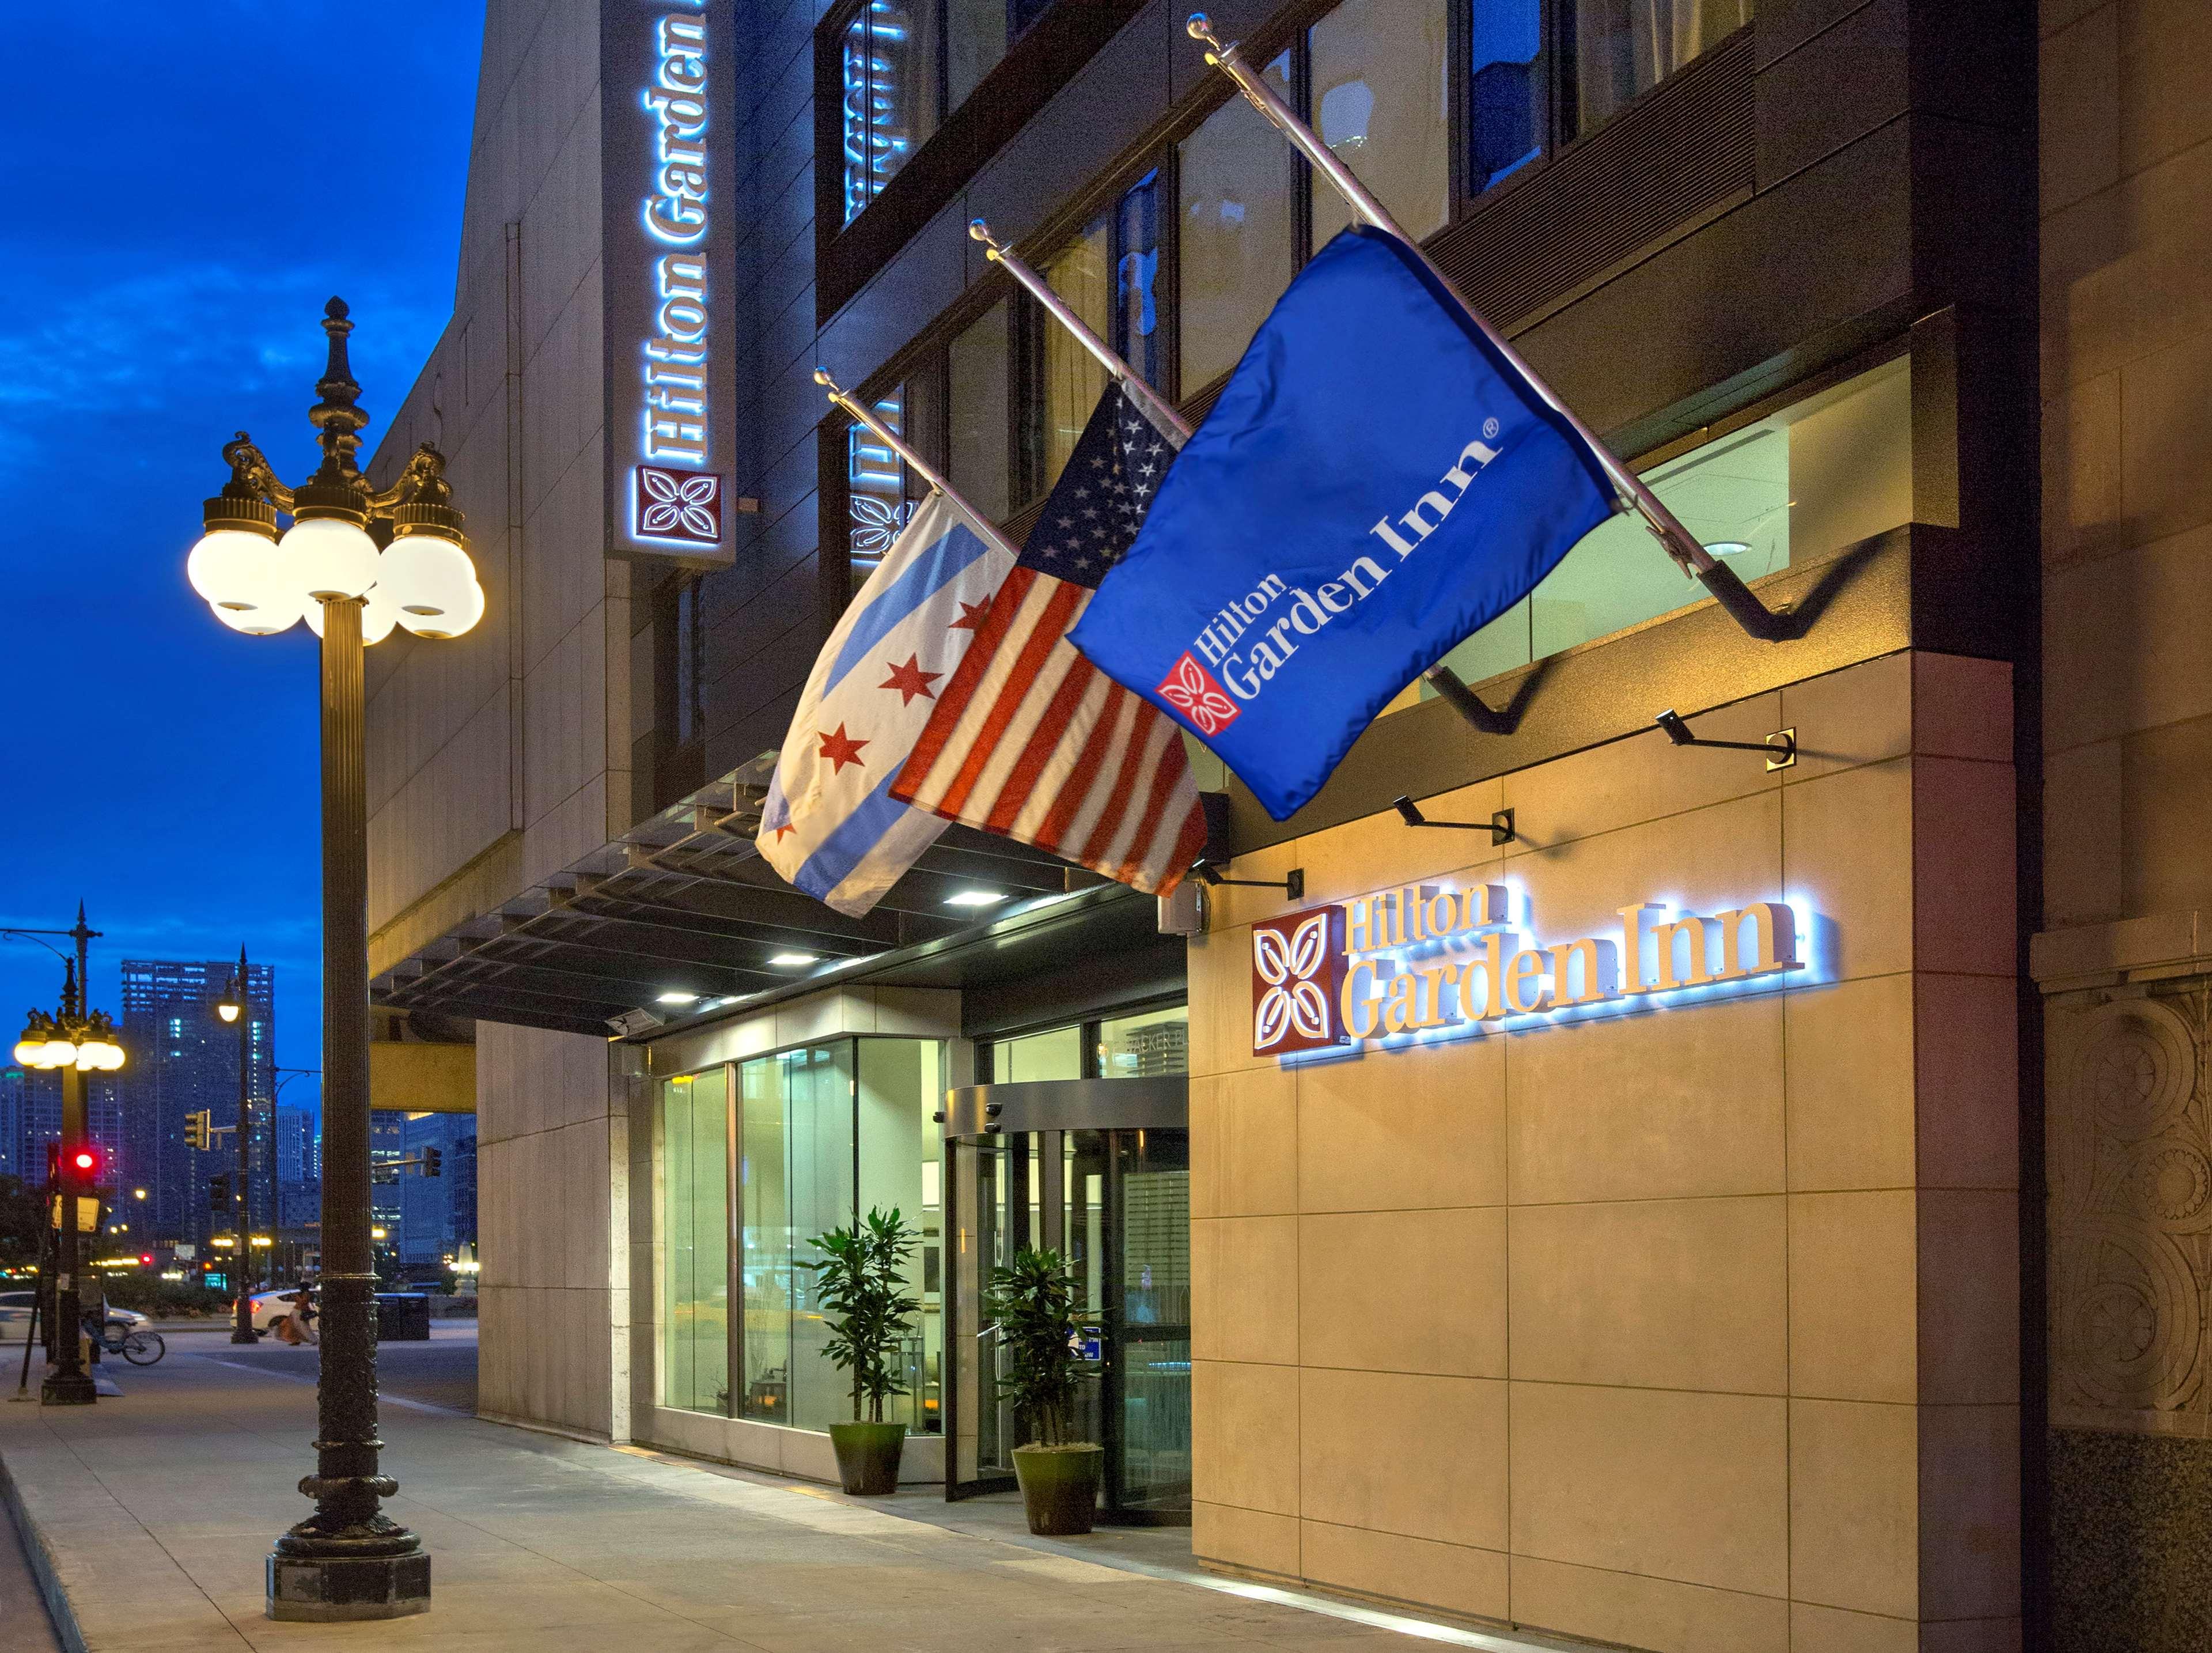 Hilton Garden Inn Chicago/North Loop